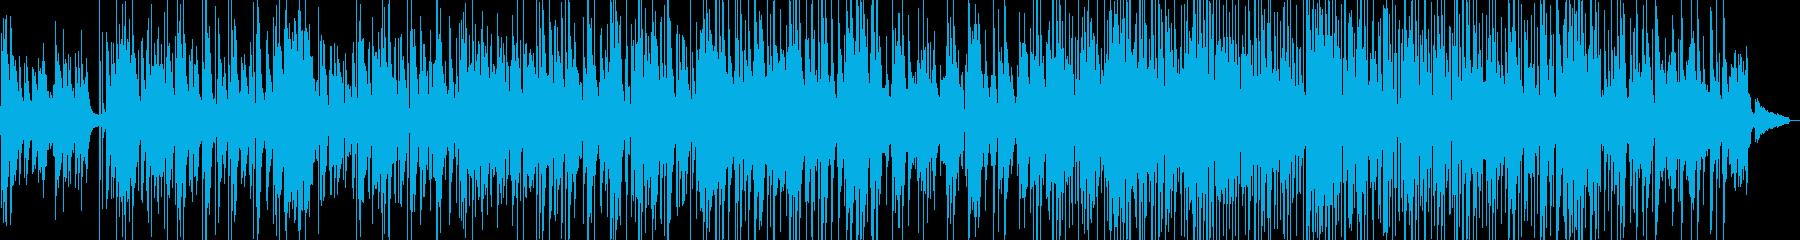 ロマンチックで優しいジャズ・ピアノの再生済みの波形